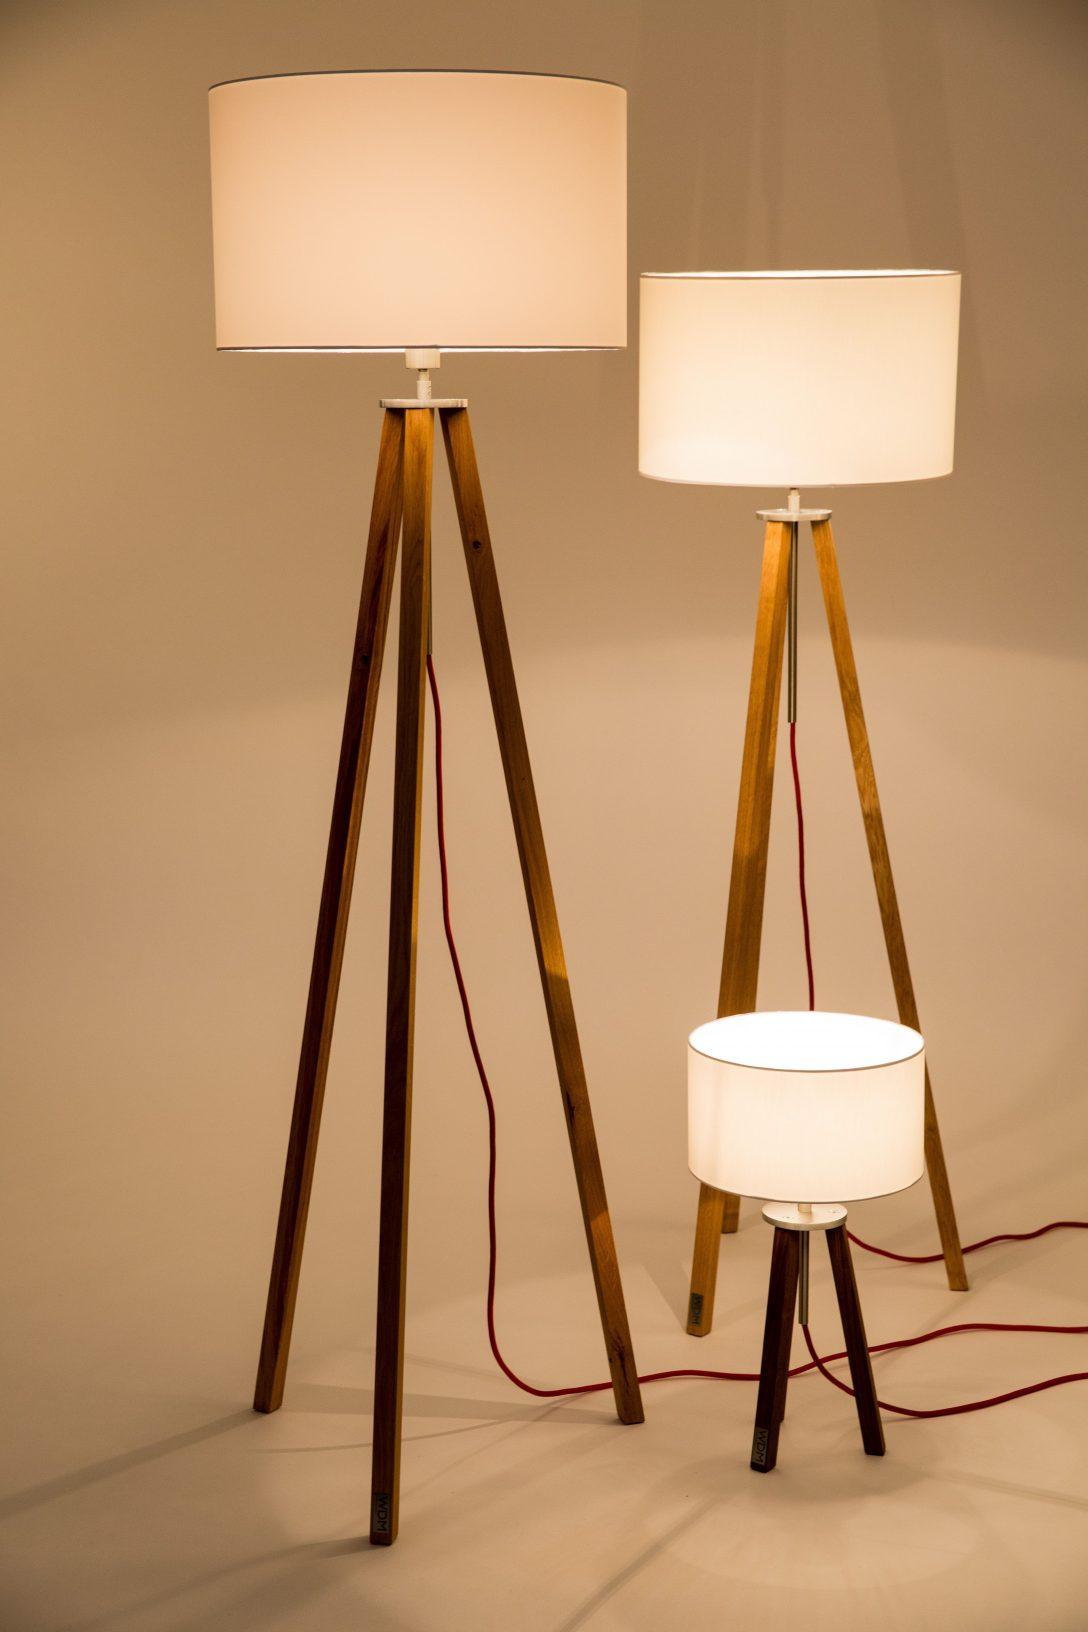 Large Size of Holzlampe Decke Deckenleuchte Bad Deckenleuchten Küche Schlafzimmer Modern Badezimmer Wohnzimmer Deckenlampe Tagesdecke Bett Deckenlampen Im Led Wohnzimmer Holzlampe Decke